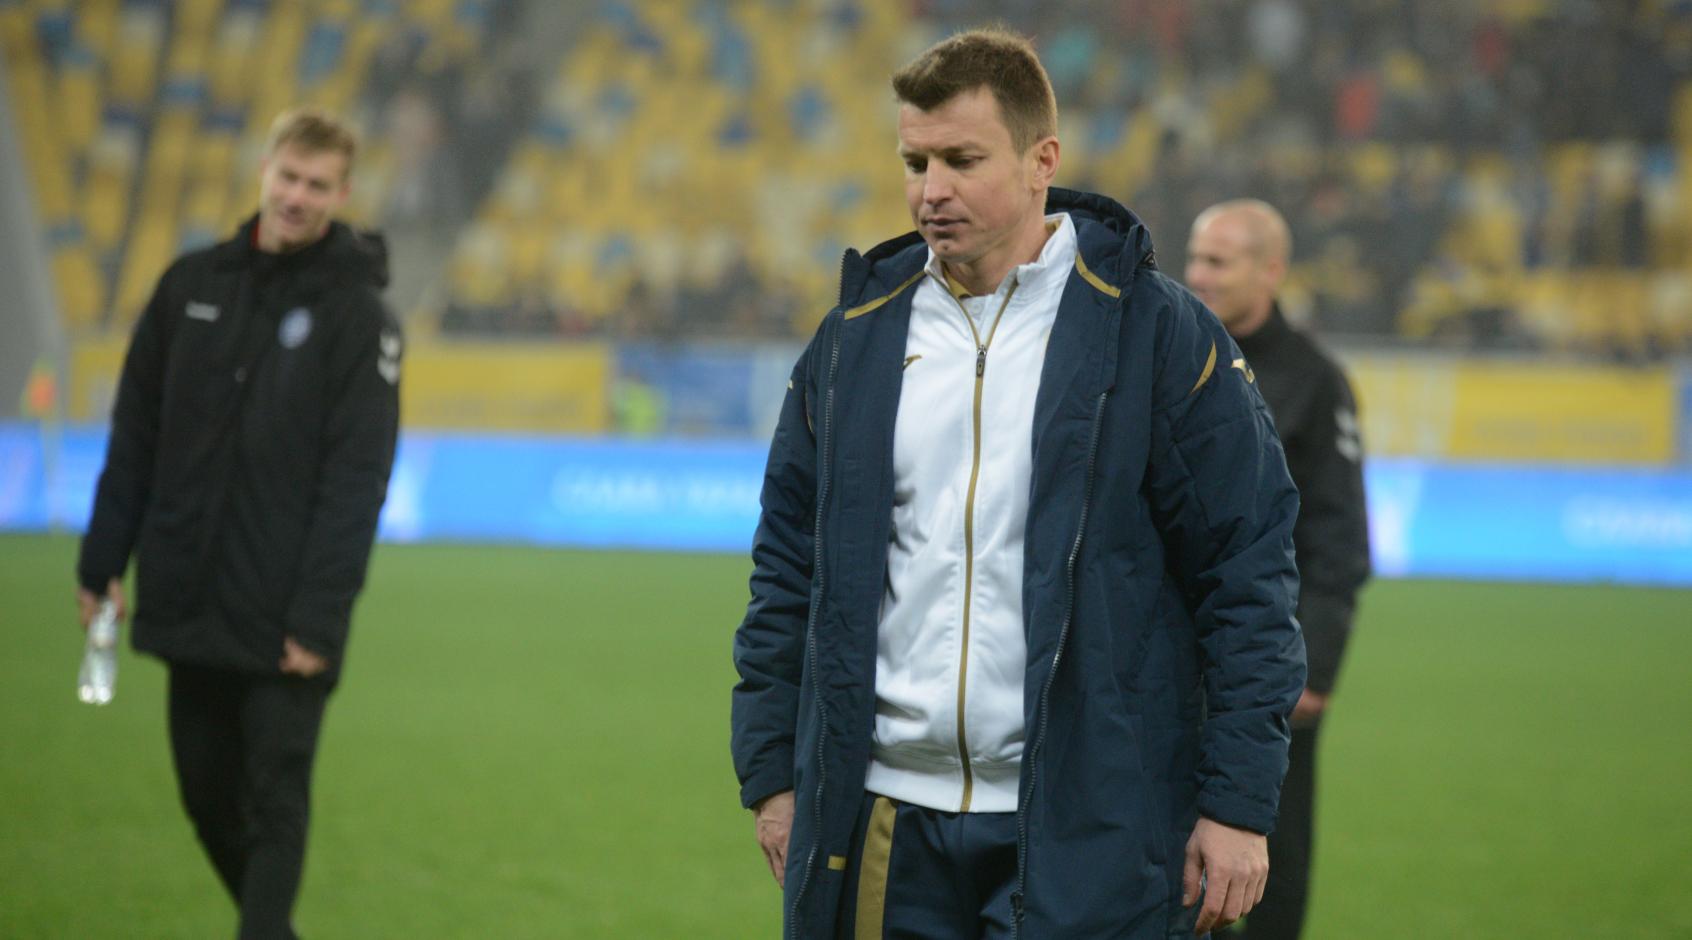 Молодіжна збірна України в товариському матчі зіграла внічию з командою Азербайджану